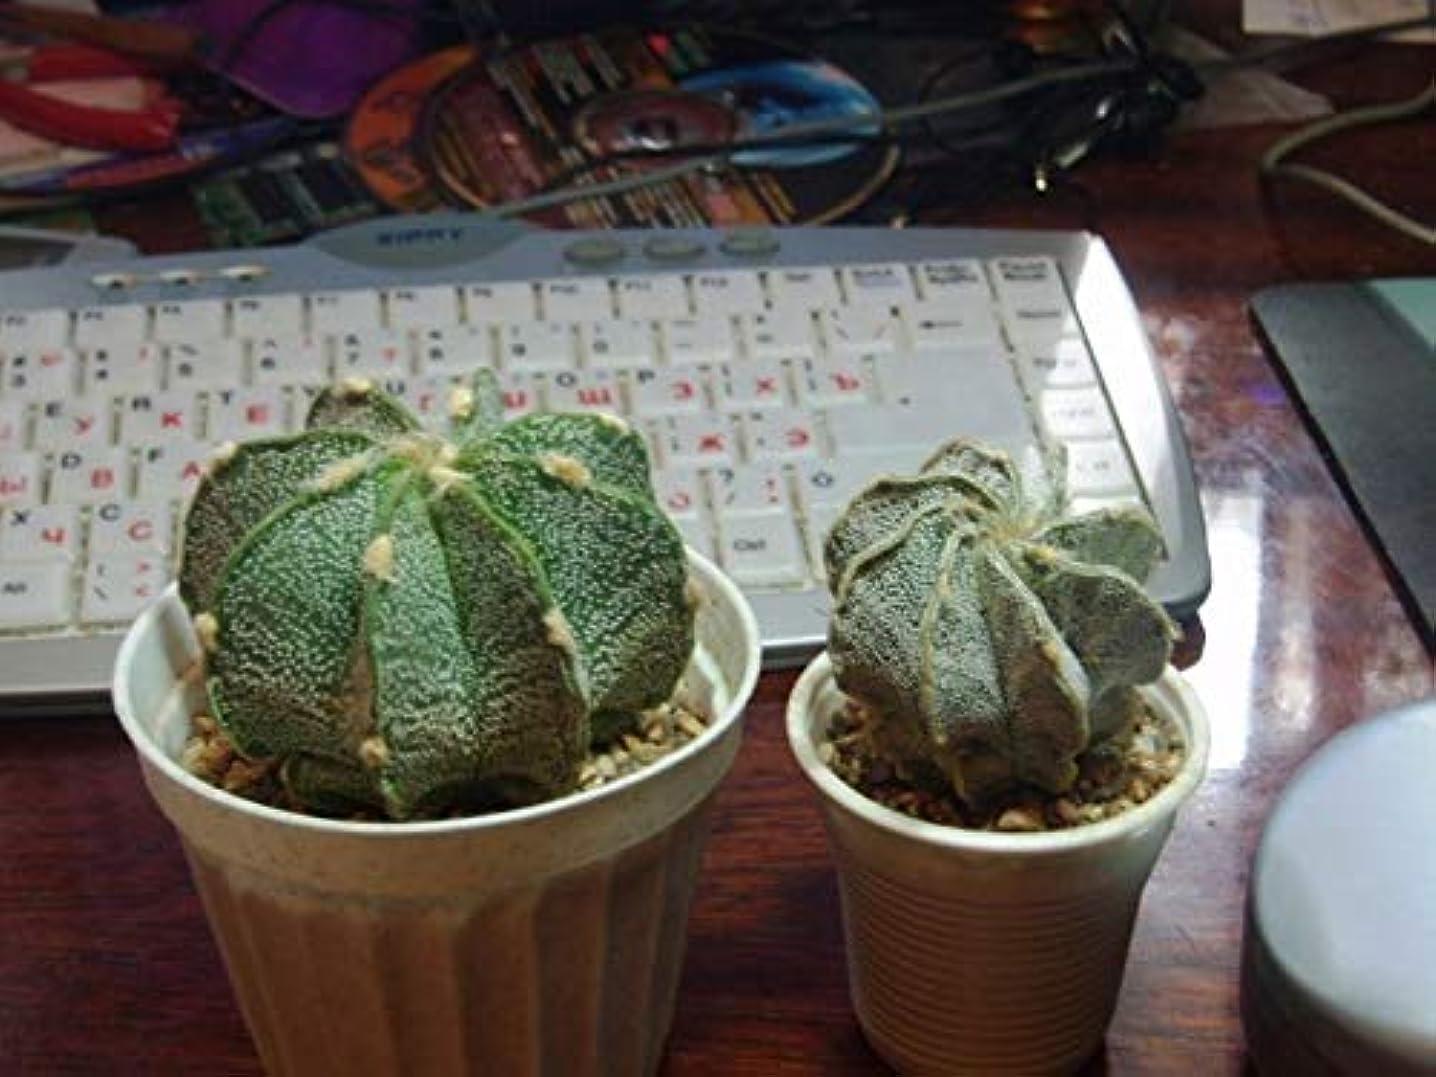 満足調整可能太平洋諸島種子パッケージ:アストロフィツム属クラディウム?ニビューム - ひ弱ヤギHorn- 25種